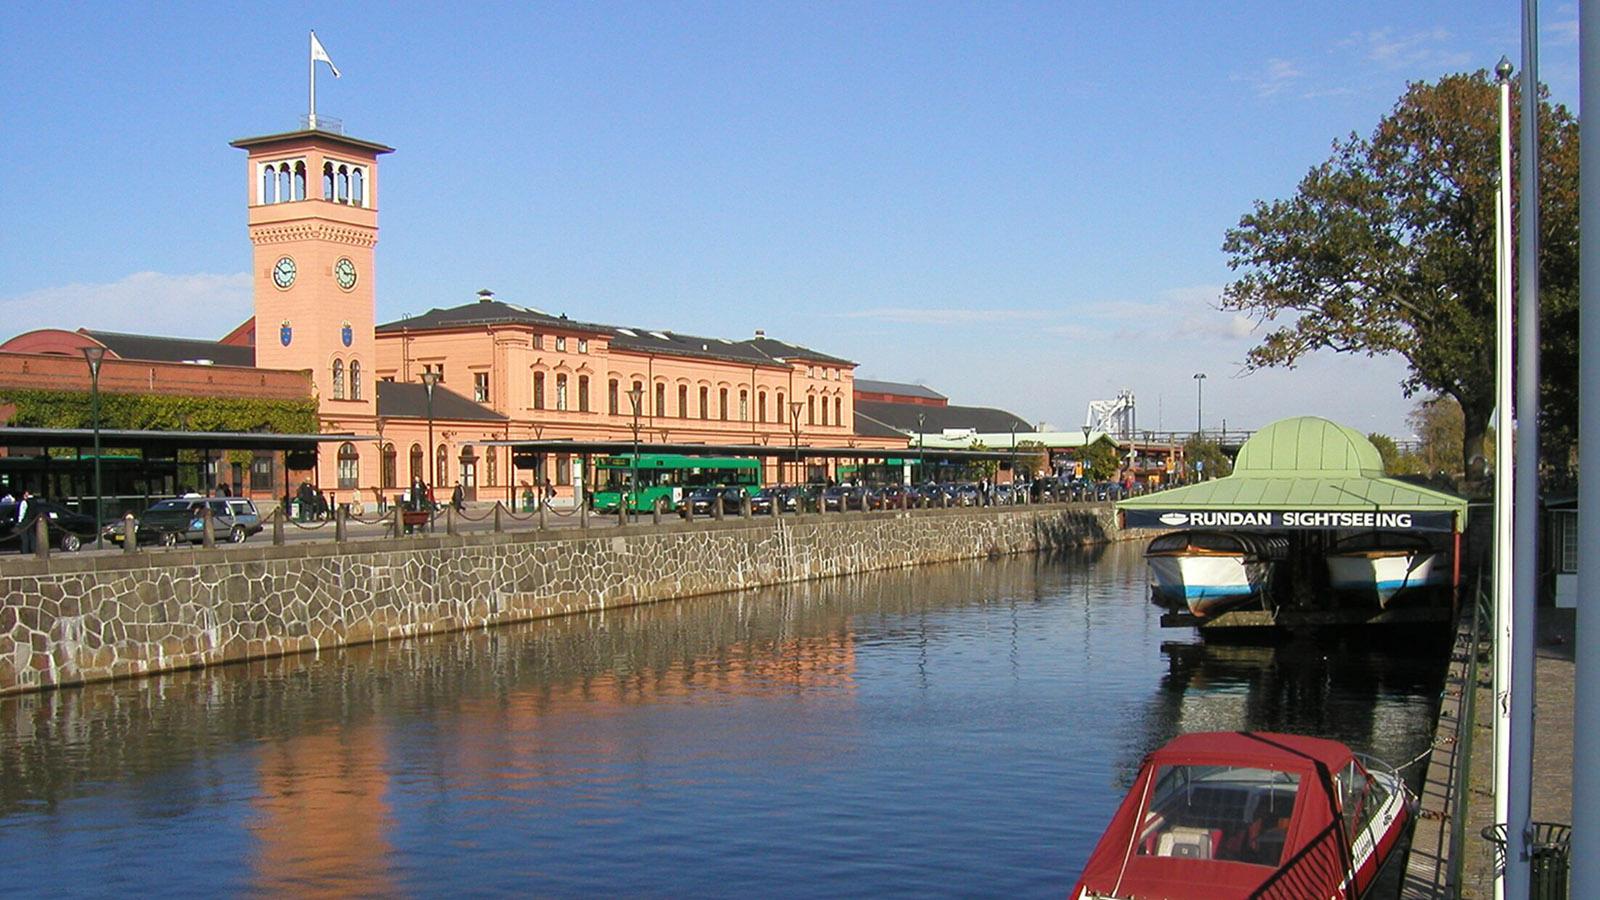 Schonen. Direkt am Bahnhof von Malmö beginnen Rundfahrten auf dem Wasser. Foto: Hilke Maunder